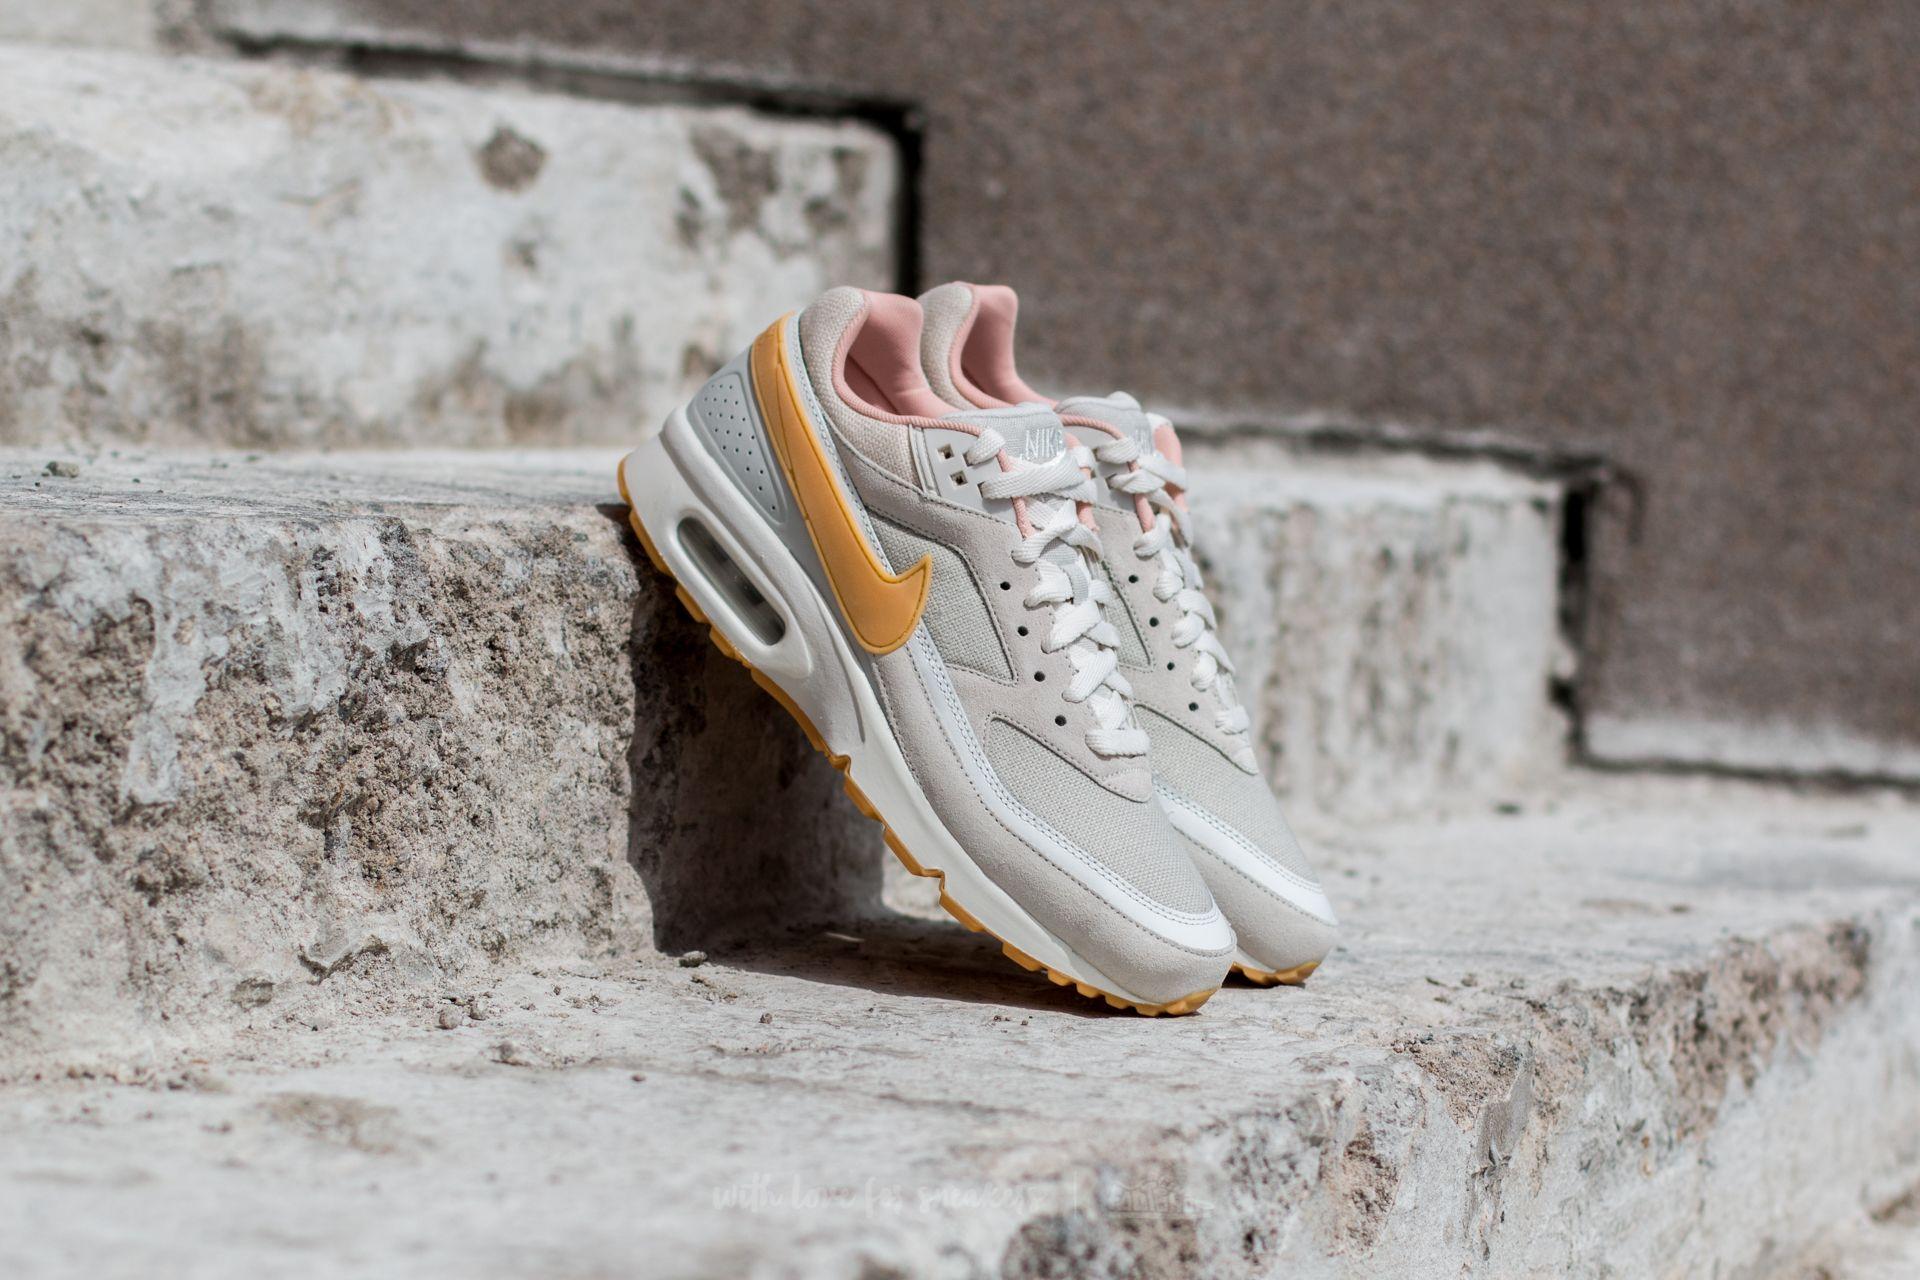 Yellow – Nike Air Max Bw Premium Mens ClassicRetro Phantom Gum Yellow – Light Bone